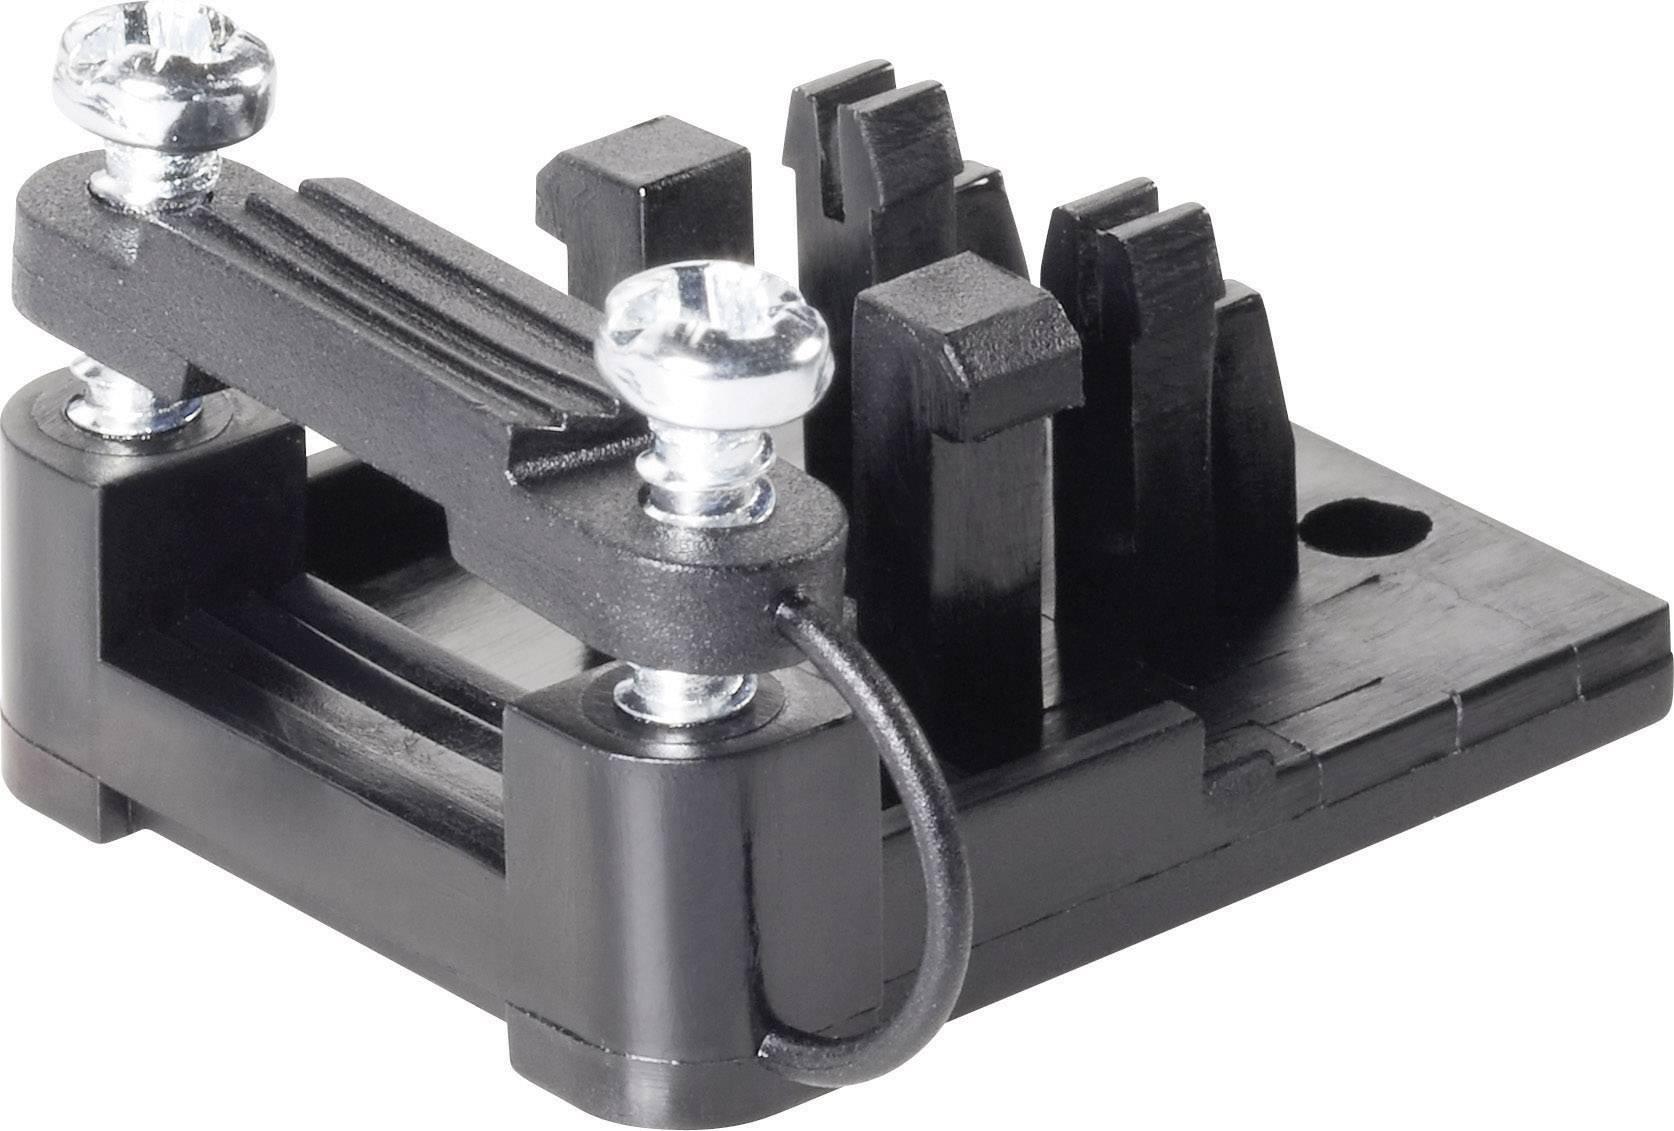 Poistka proti rozpojeniu Adels-Contact pre 3-pólové konektory AC série 160 a 163